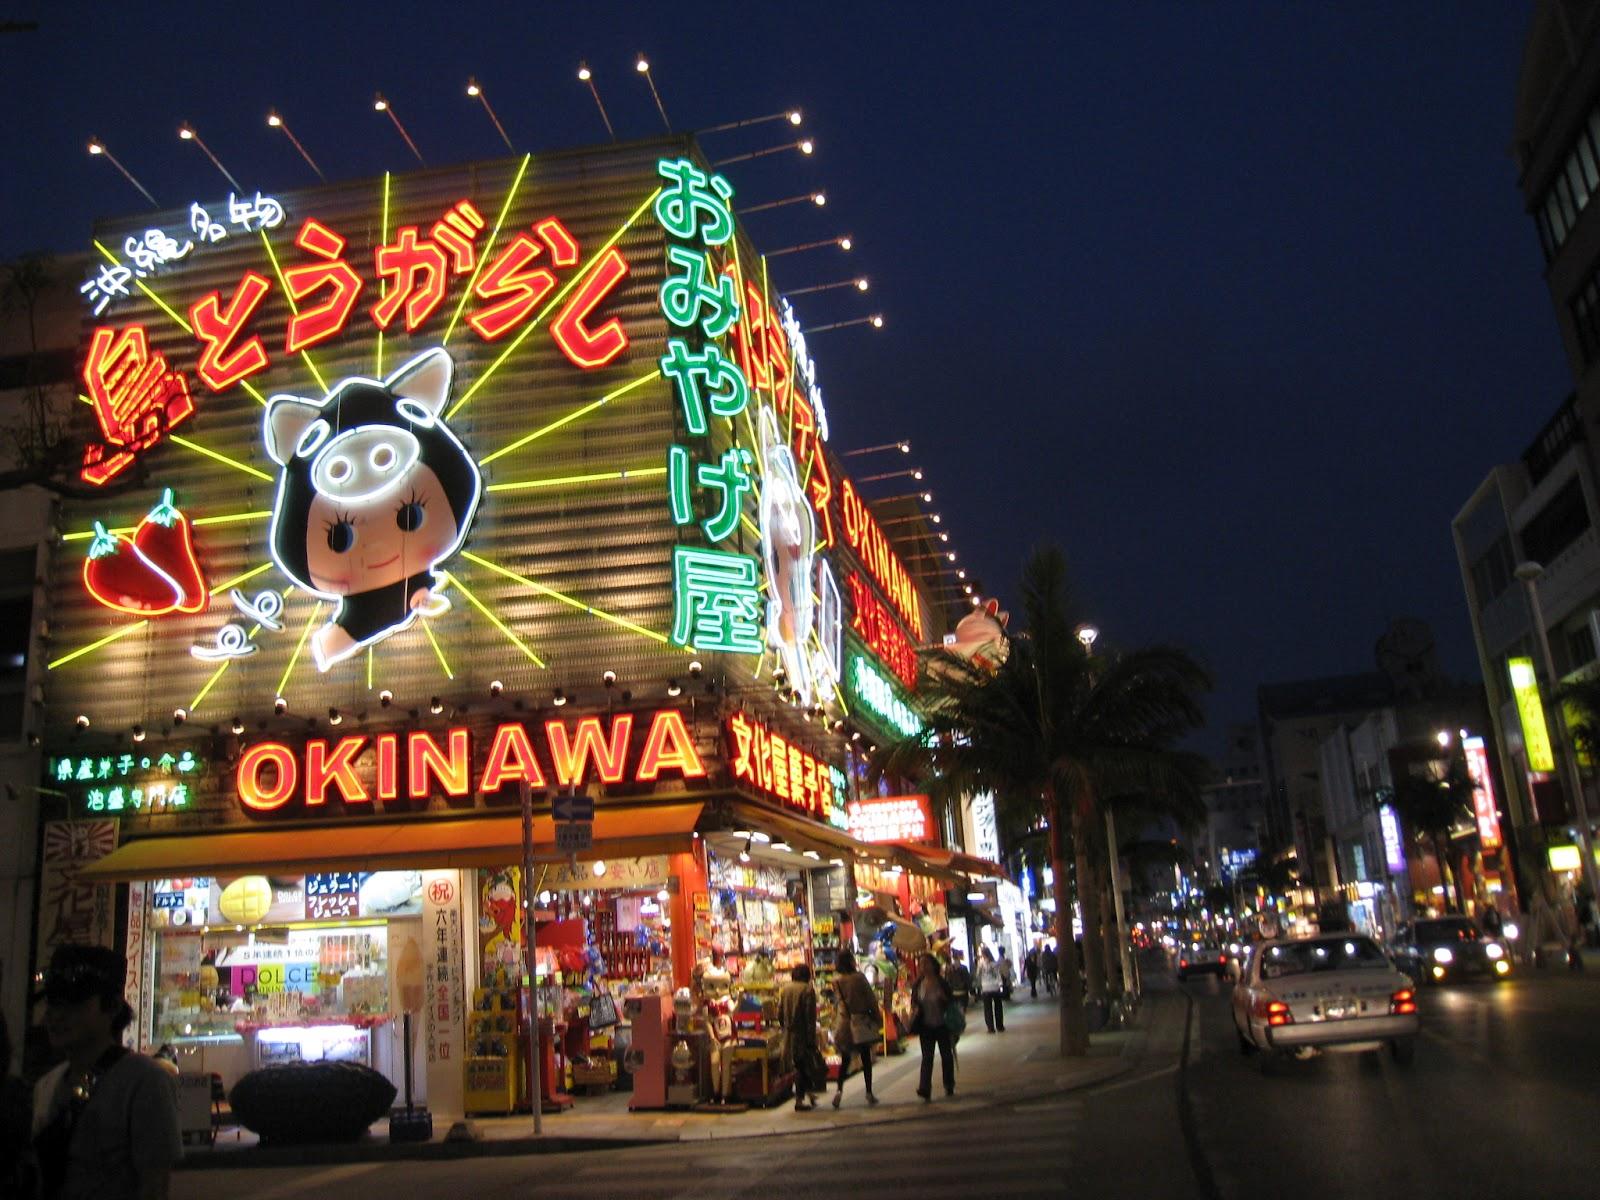 沖縄の夜を楽しもう!遅い時間でも観光できるスポットや過ごし方